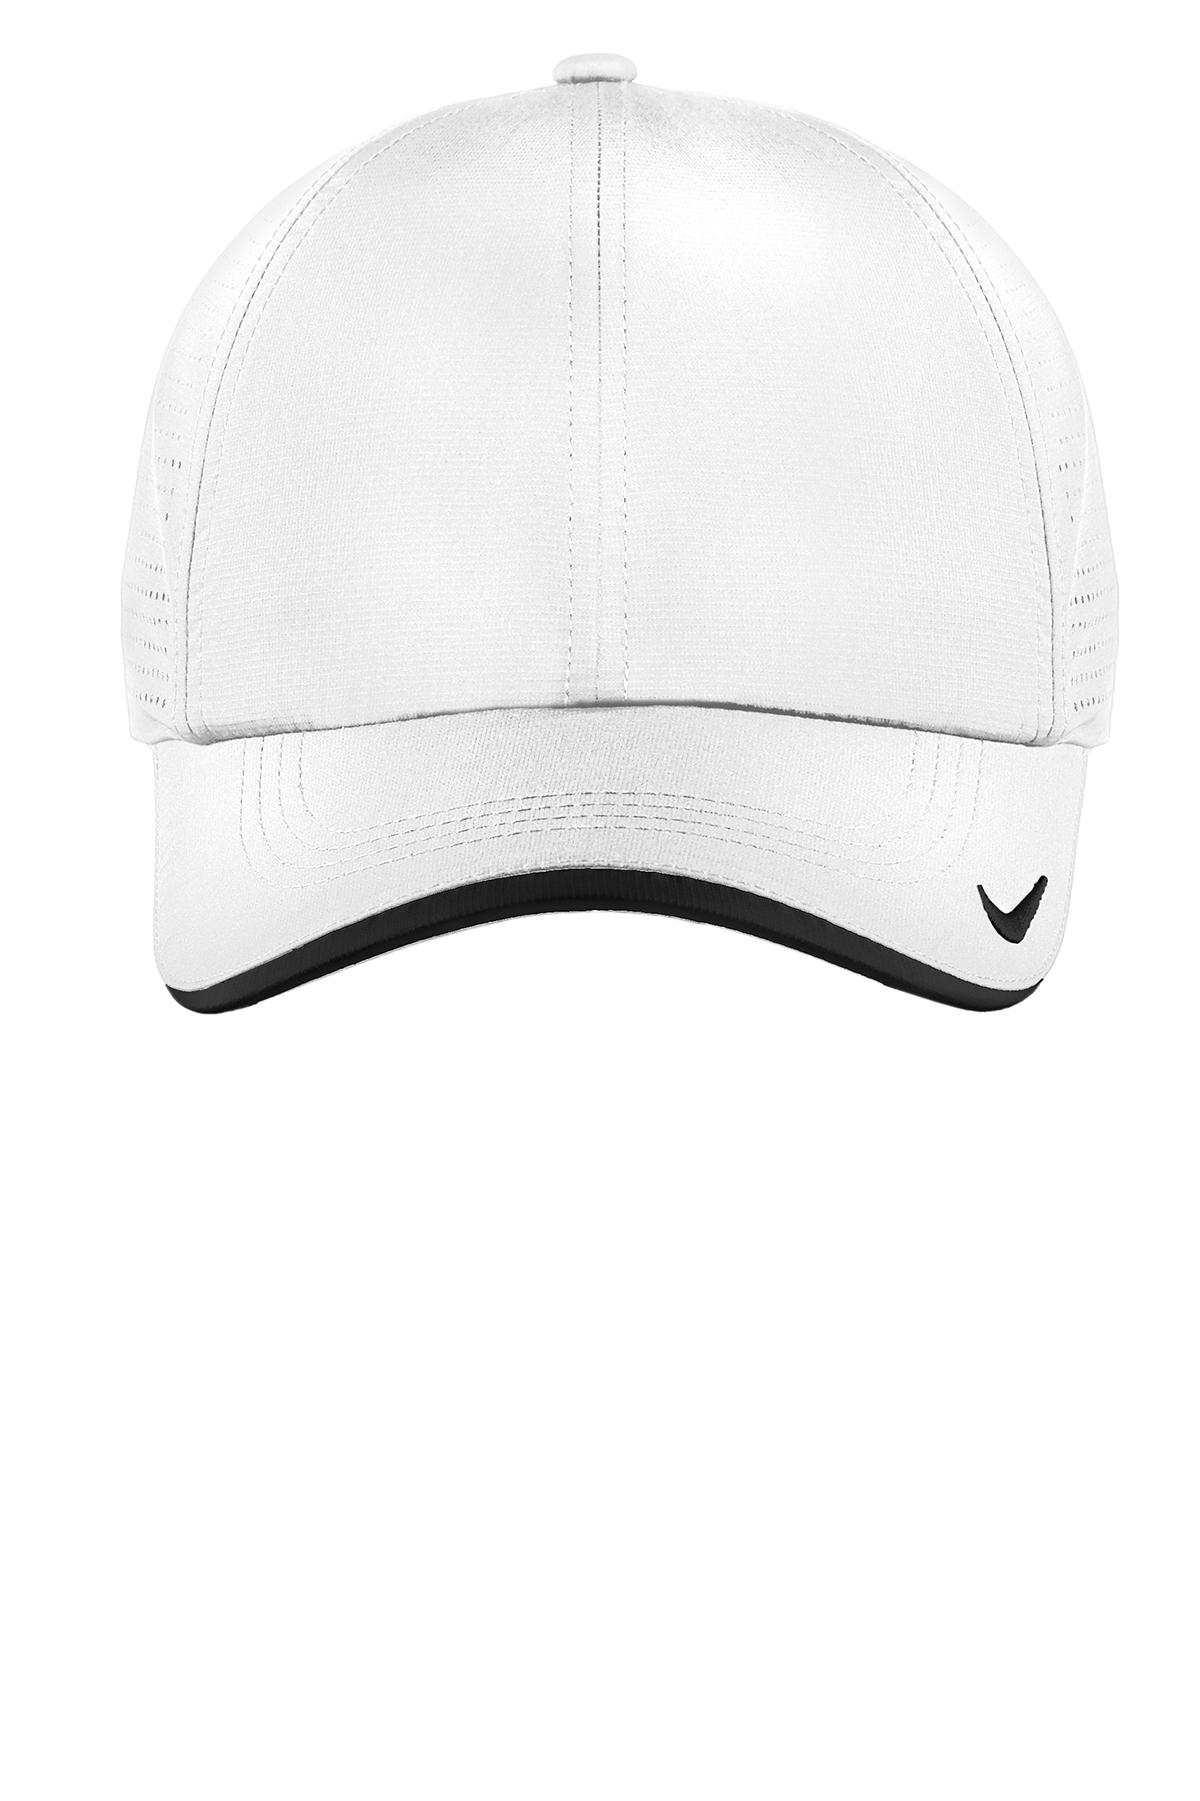 aa6747333 Nike Dri-FIT Swoosh Perforated Cap   Performance/Team   Caps   SanMar